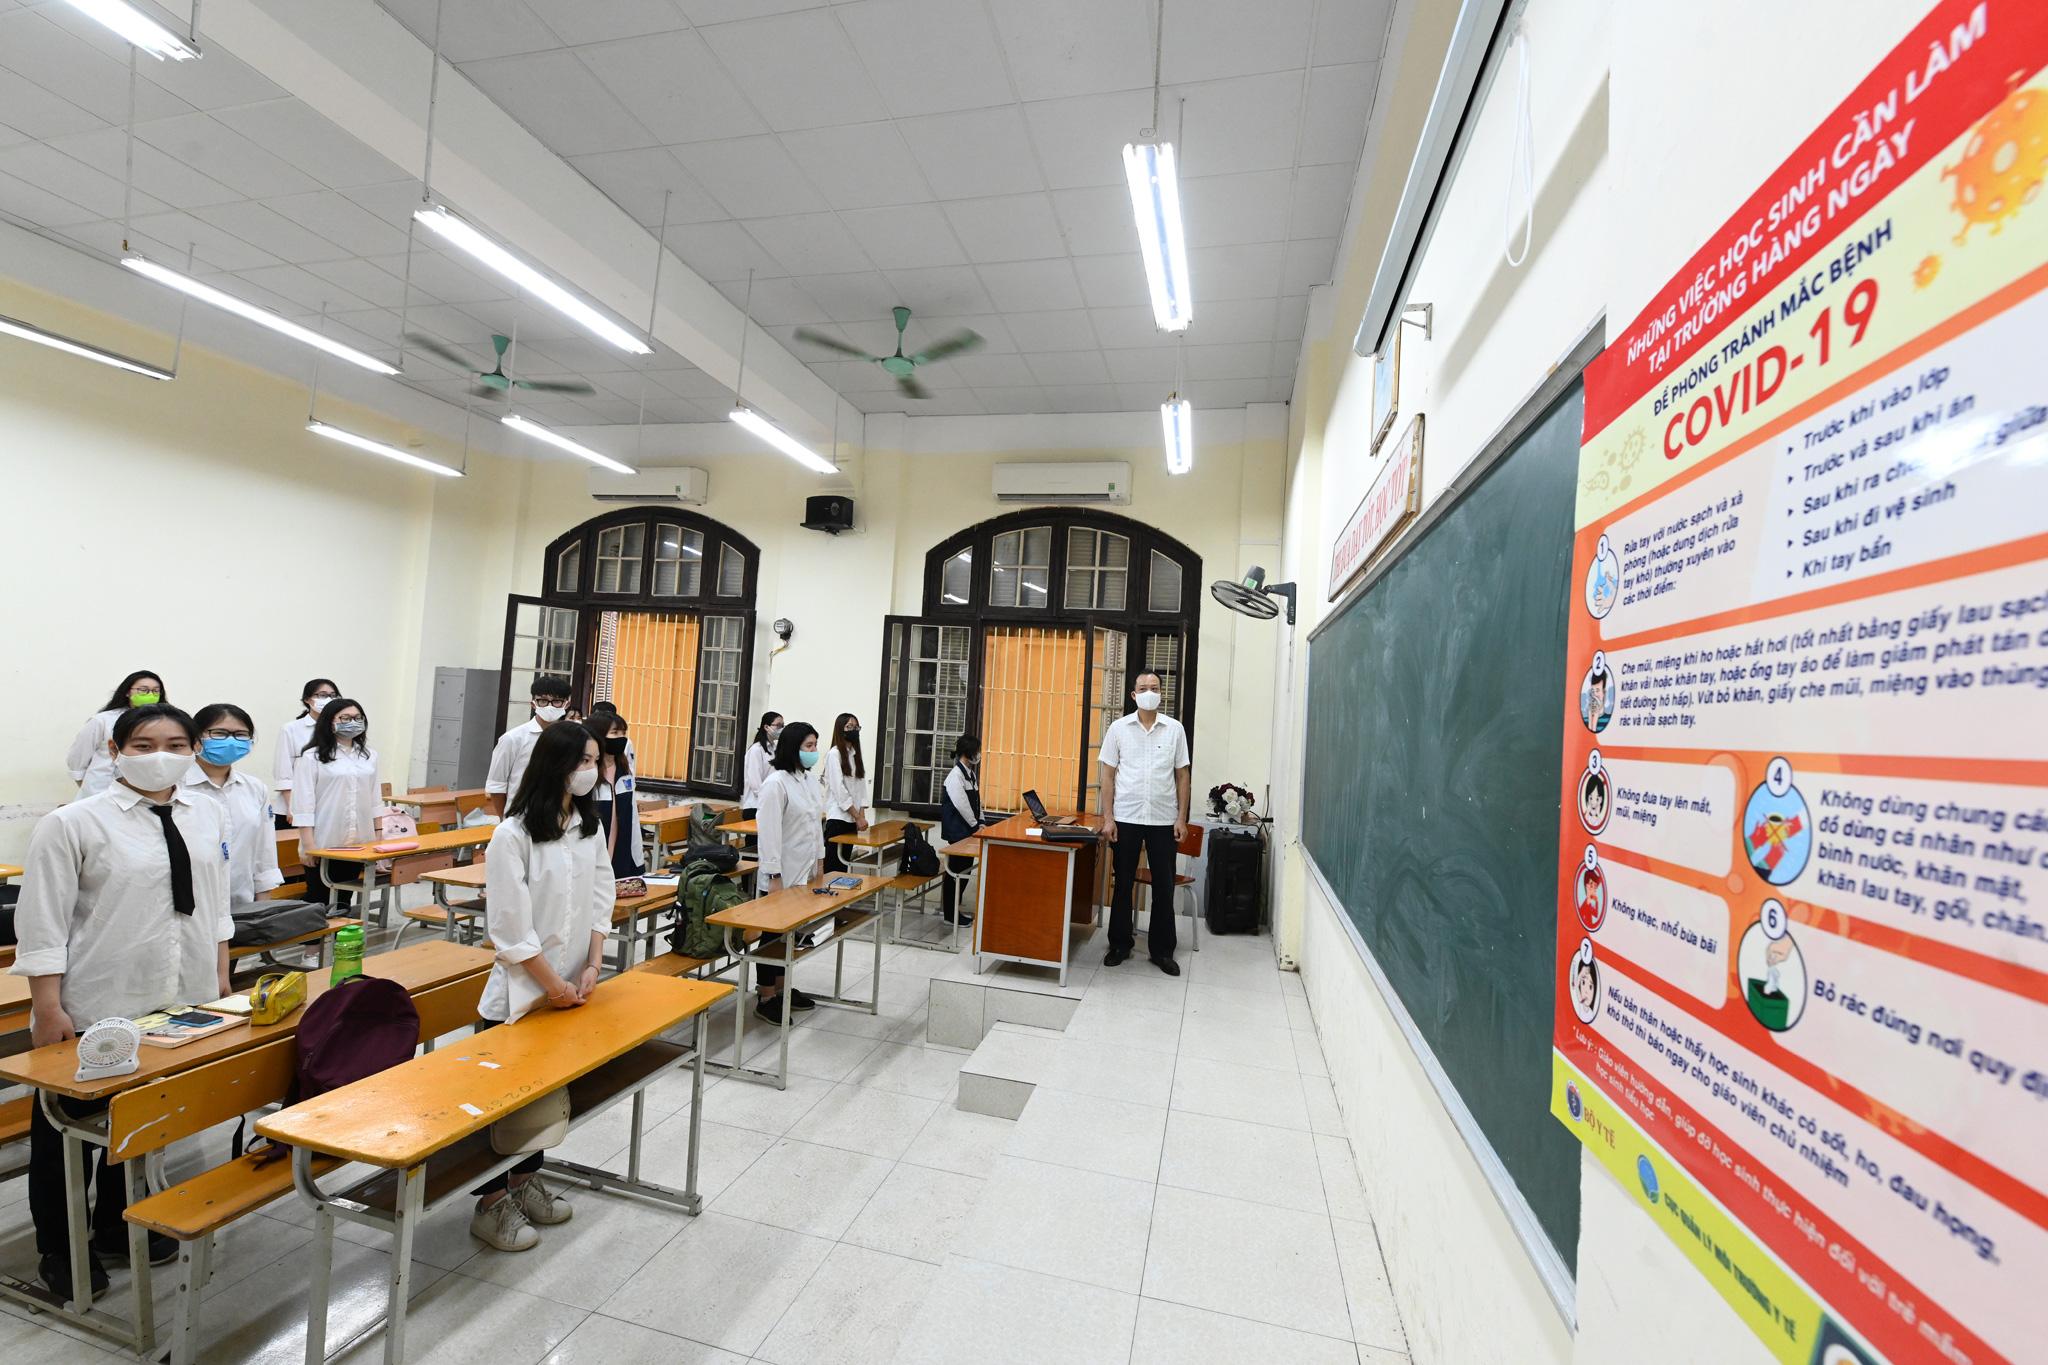 Học sinh đeo khẩu trang trở lại trường, chào cờ tại lớp học sau thời gian học online kỷ lục vì Covid-19 - Ảnh 16.